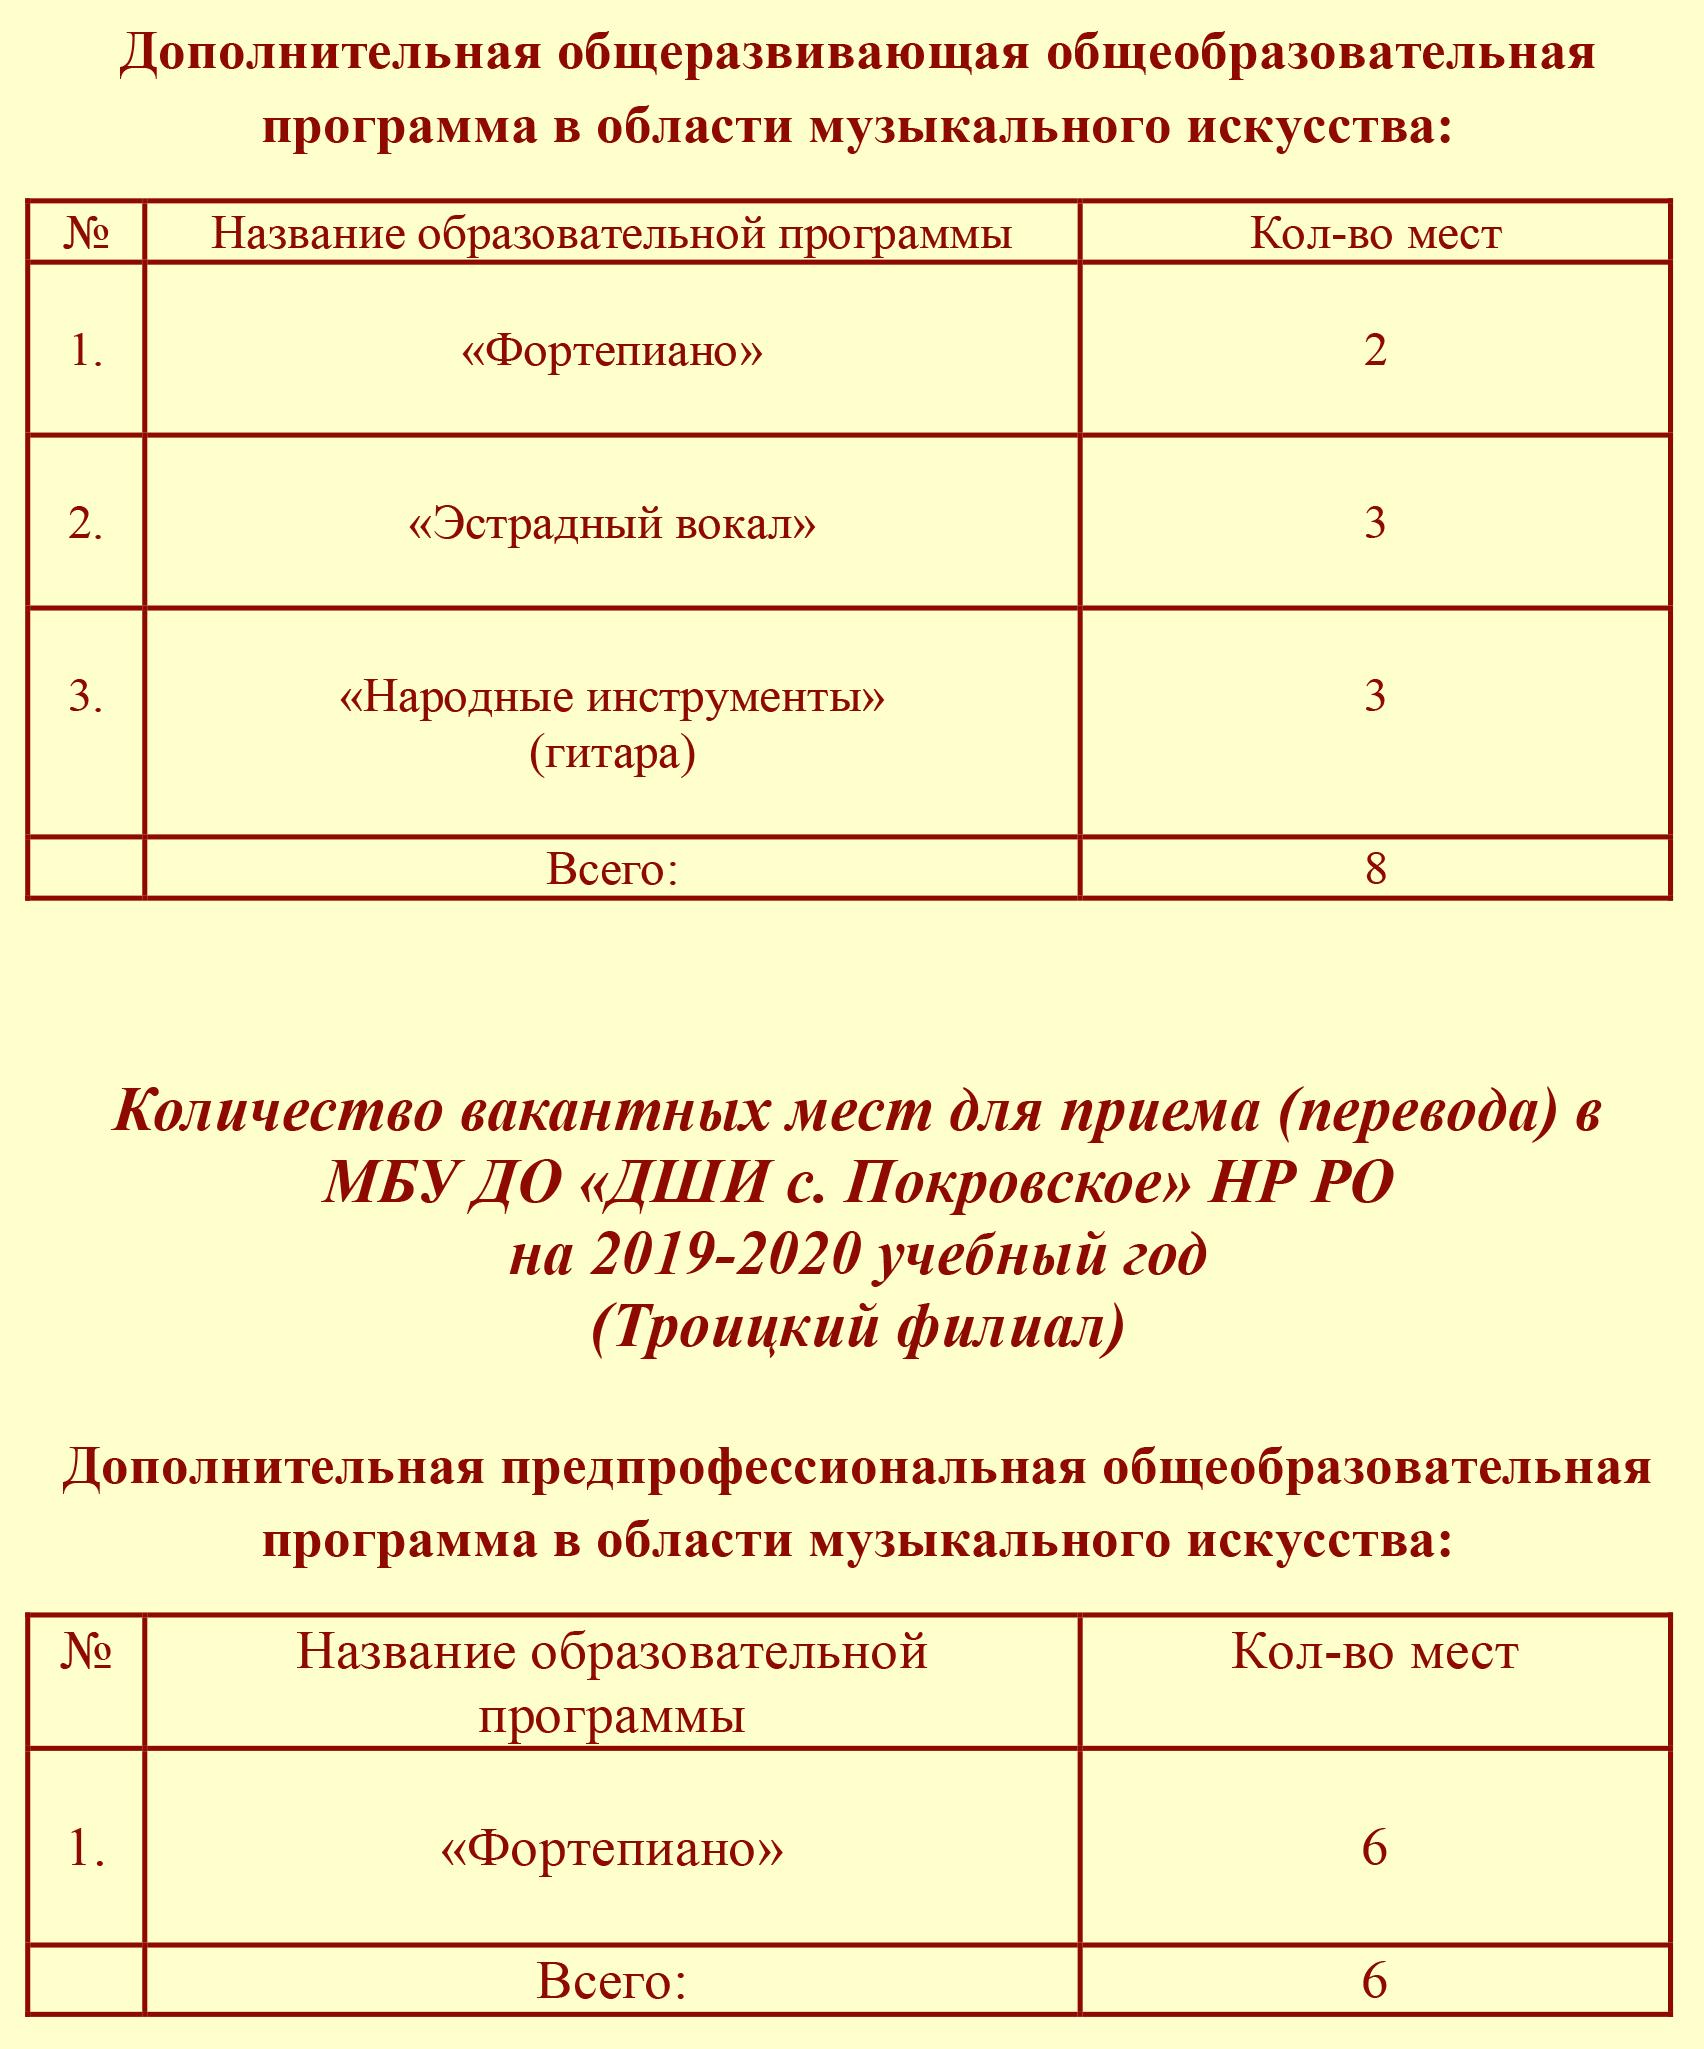 vakant-mesta-dlya-priema-dshinekl-3